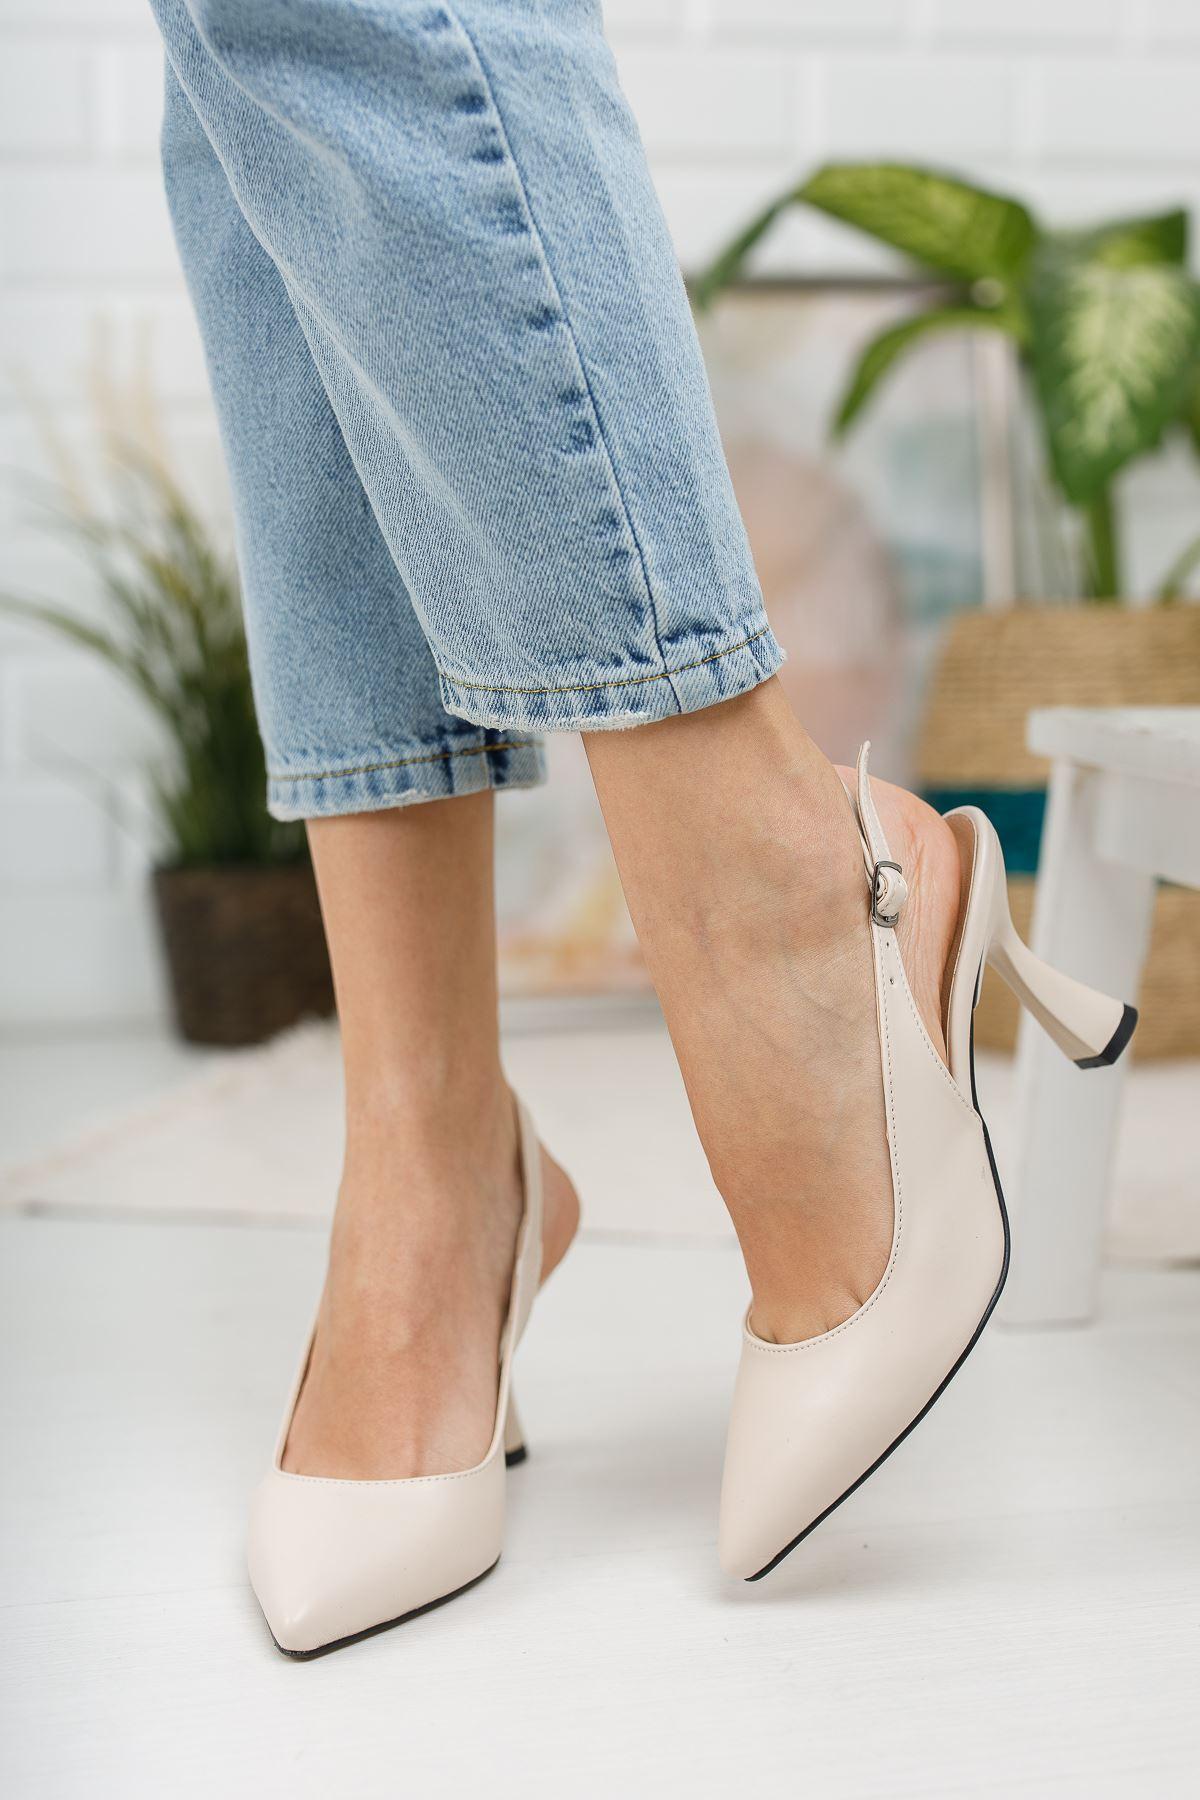 Kadın Ukes Kemer Detaylı Sivri Burun Mat Deri Ten Topuklu Ayakkabı